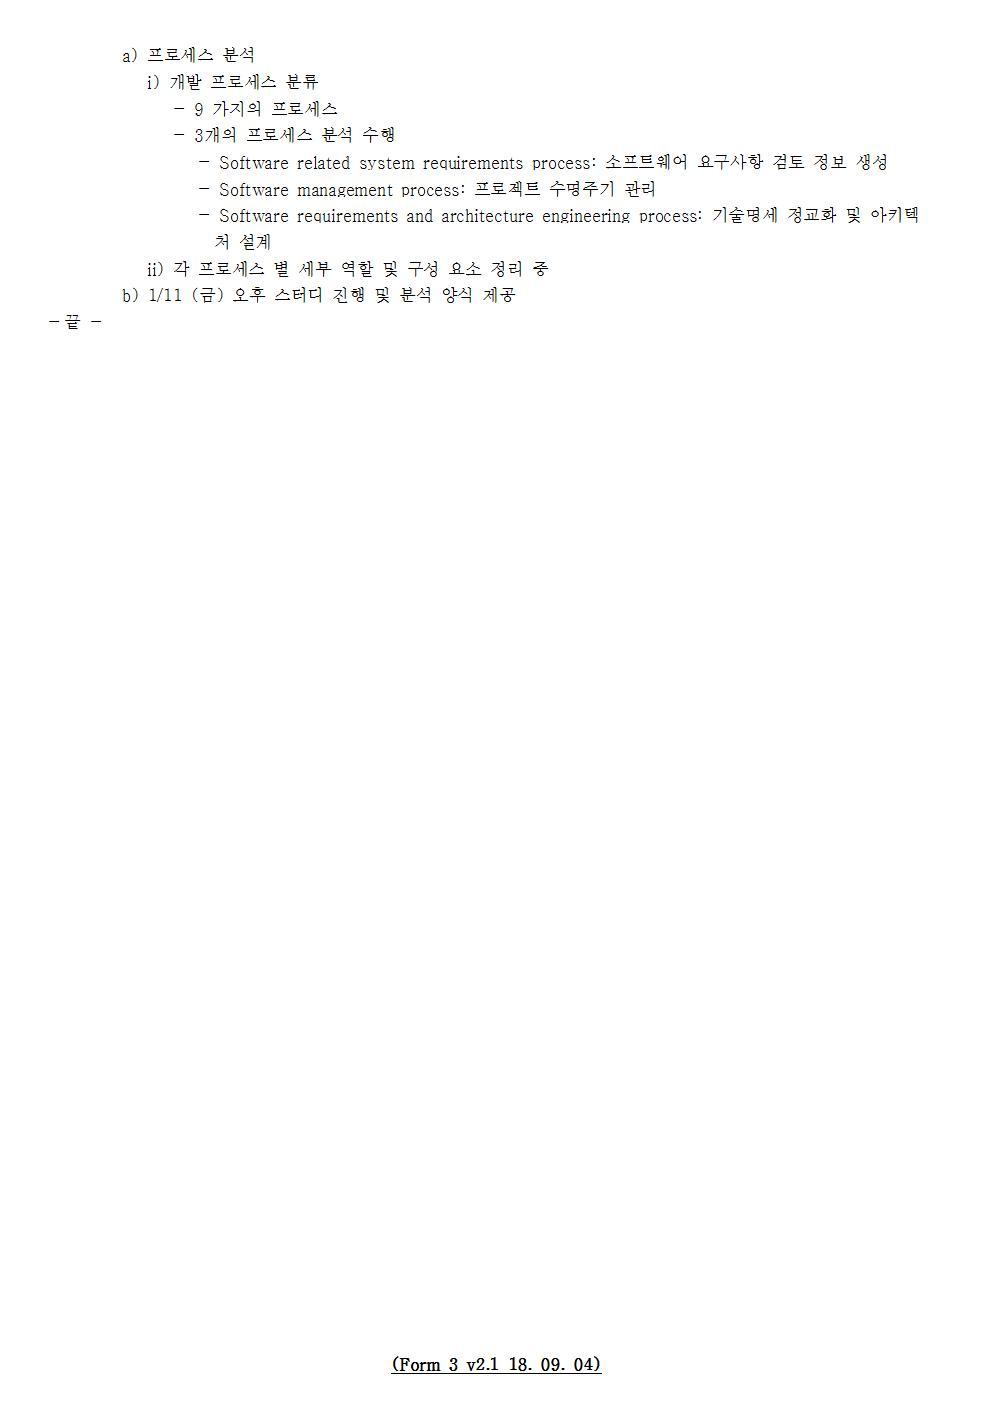 D-[19-004-RD-04]-[CMS]-[2019-01-10][YB]002.jpg